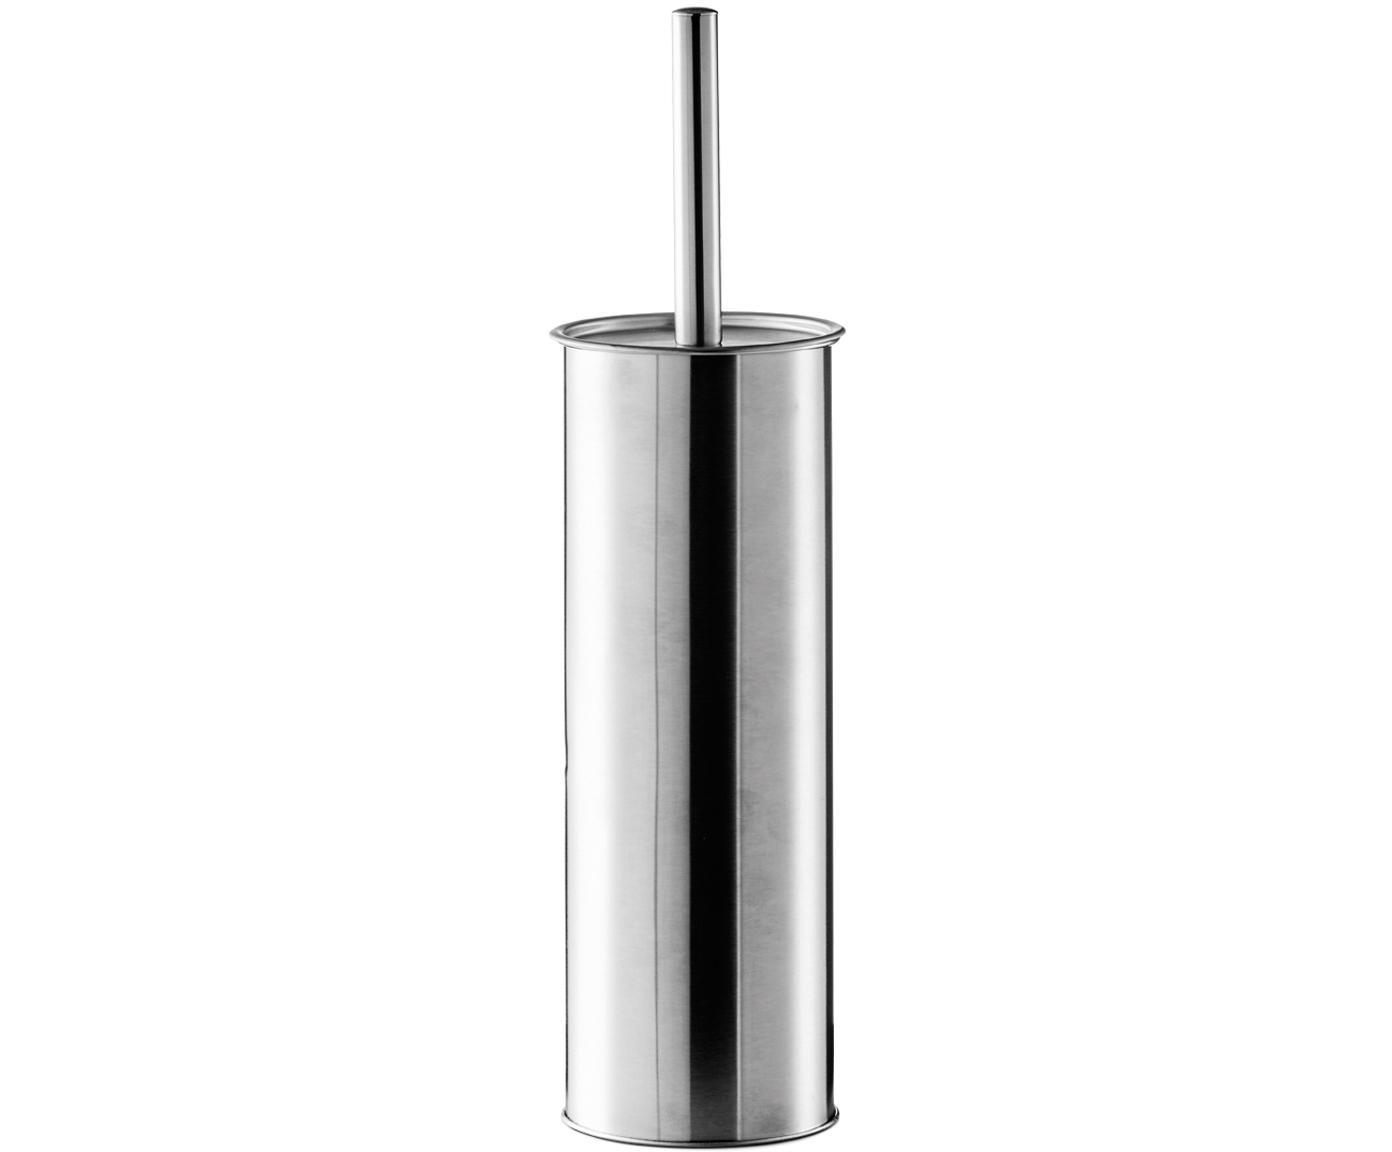 Scopino Classic con acciaio inossidabile-contenitore, Recipiente: acciaio inossidabile, Manico: acciaio inossidabile, Acciaio inossidabile, Ø 10 x Alt. 38 cm